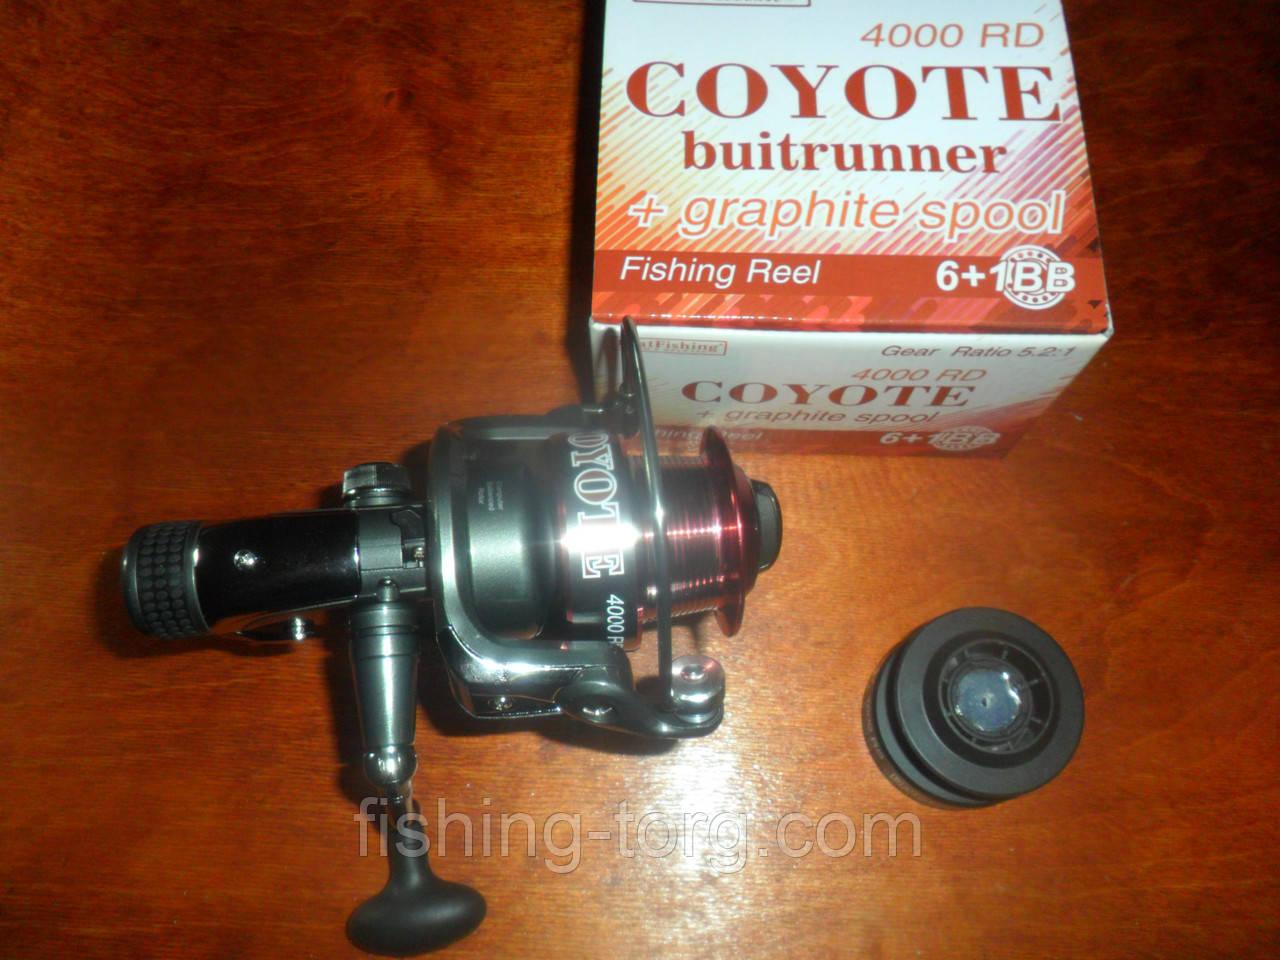 Катушка рыболовная coyote 4000rd 6+1bb